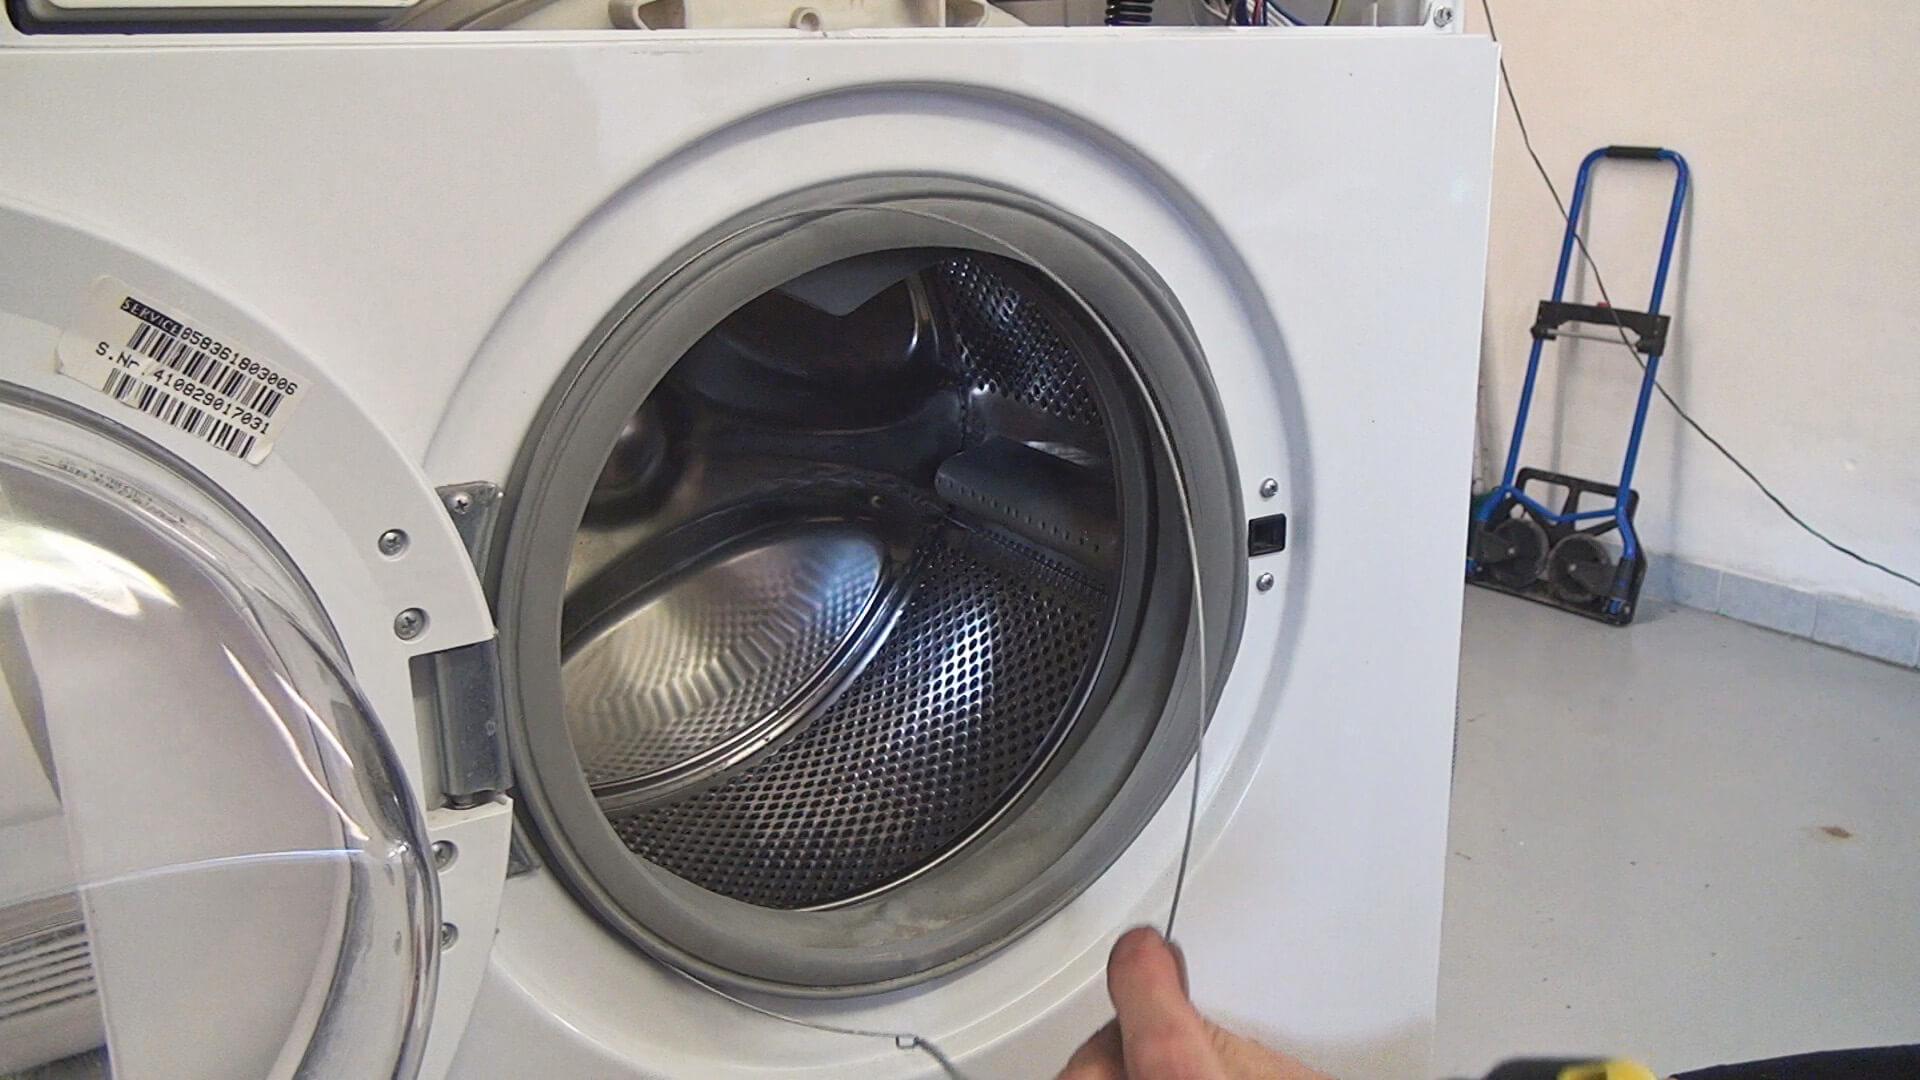 Bauknecht Waschmaschine Turdichtung Wechseln